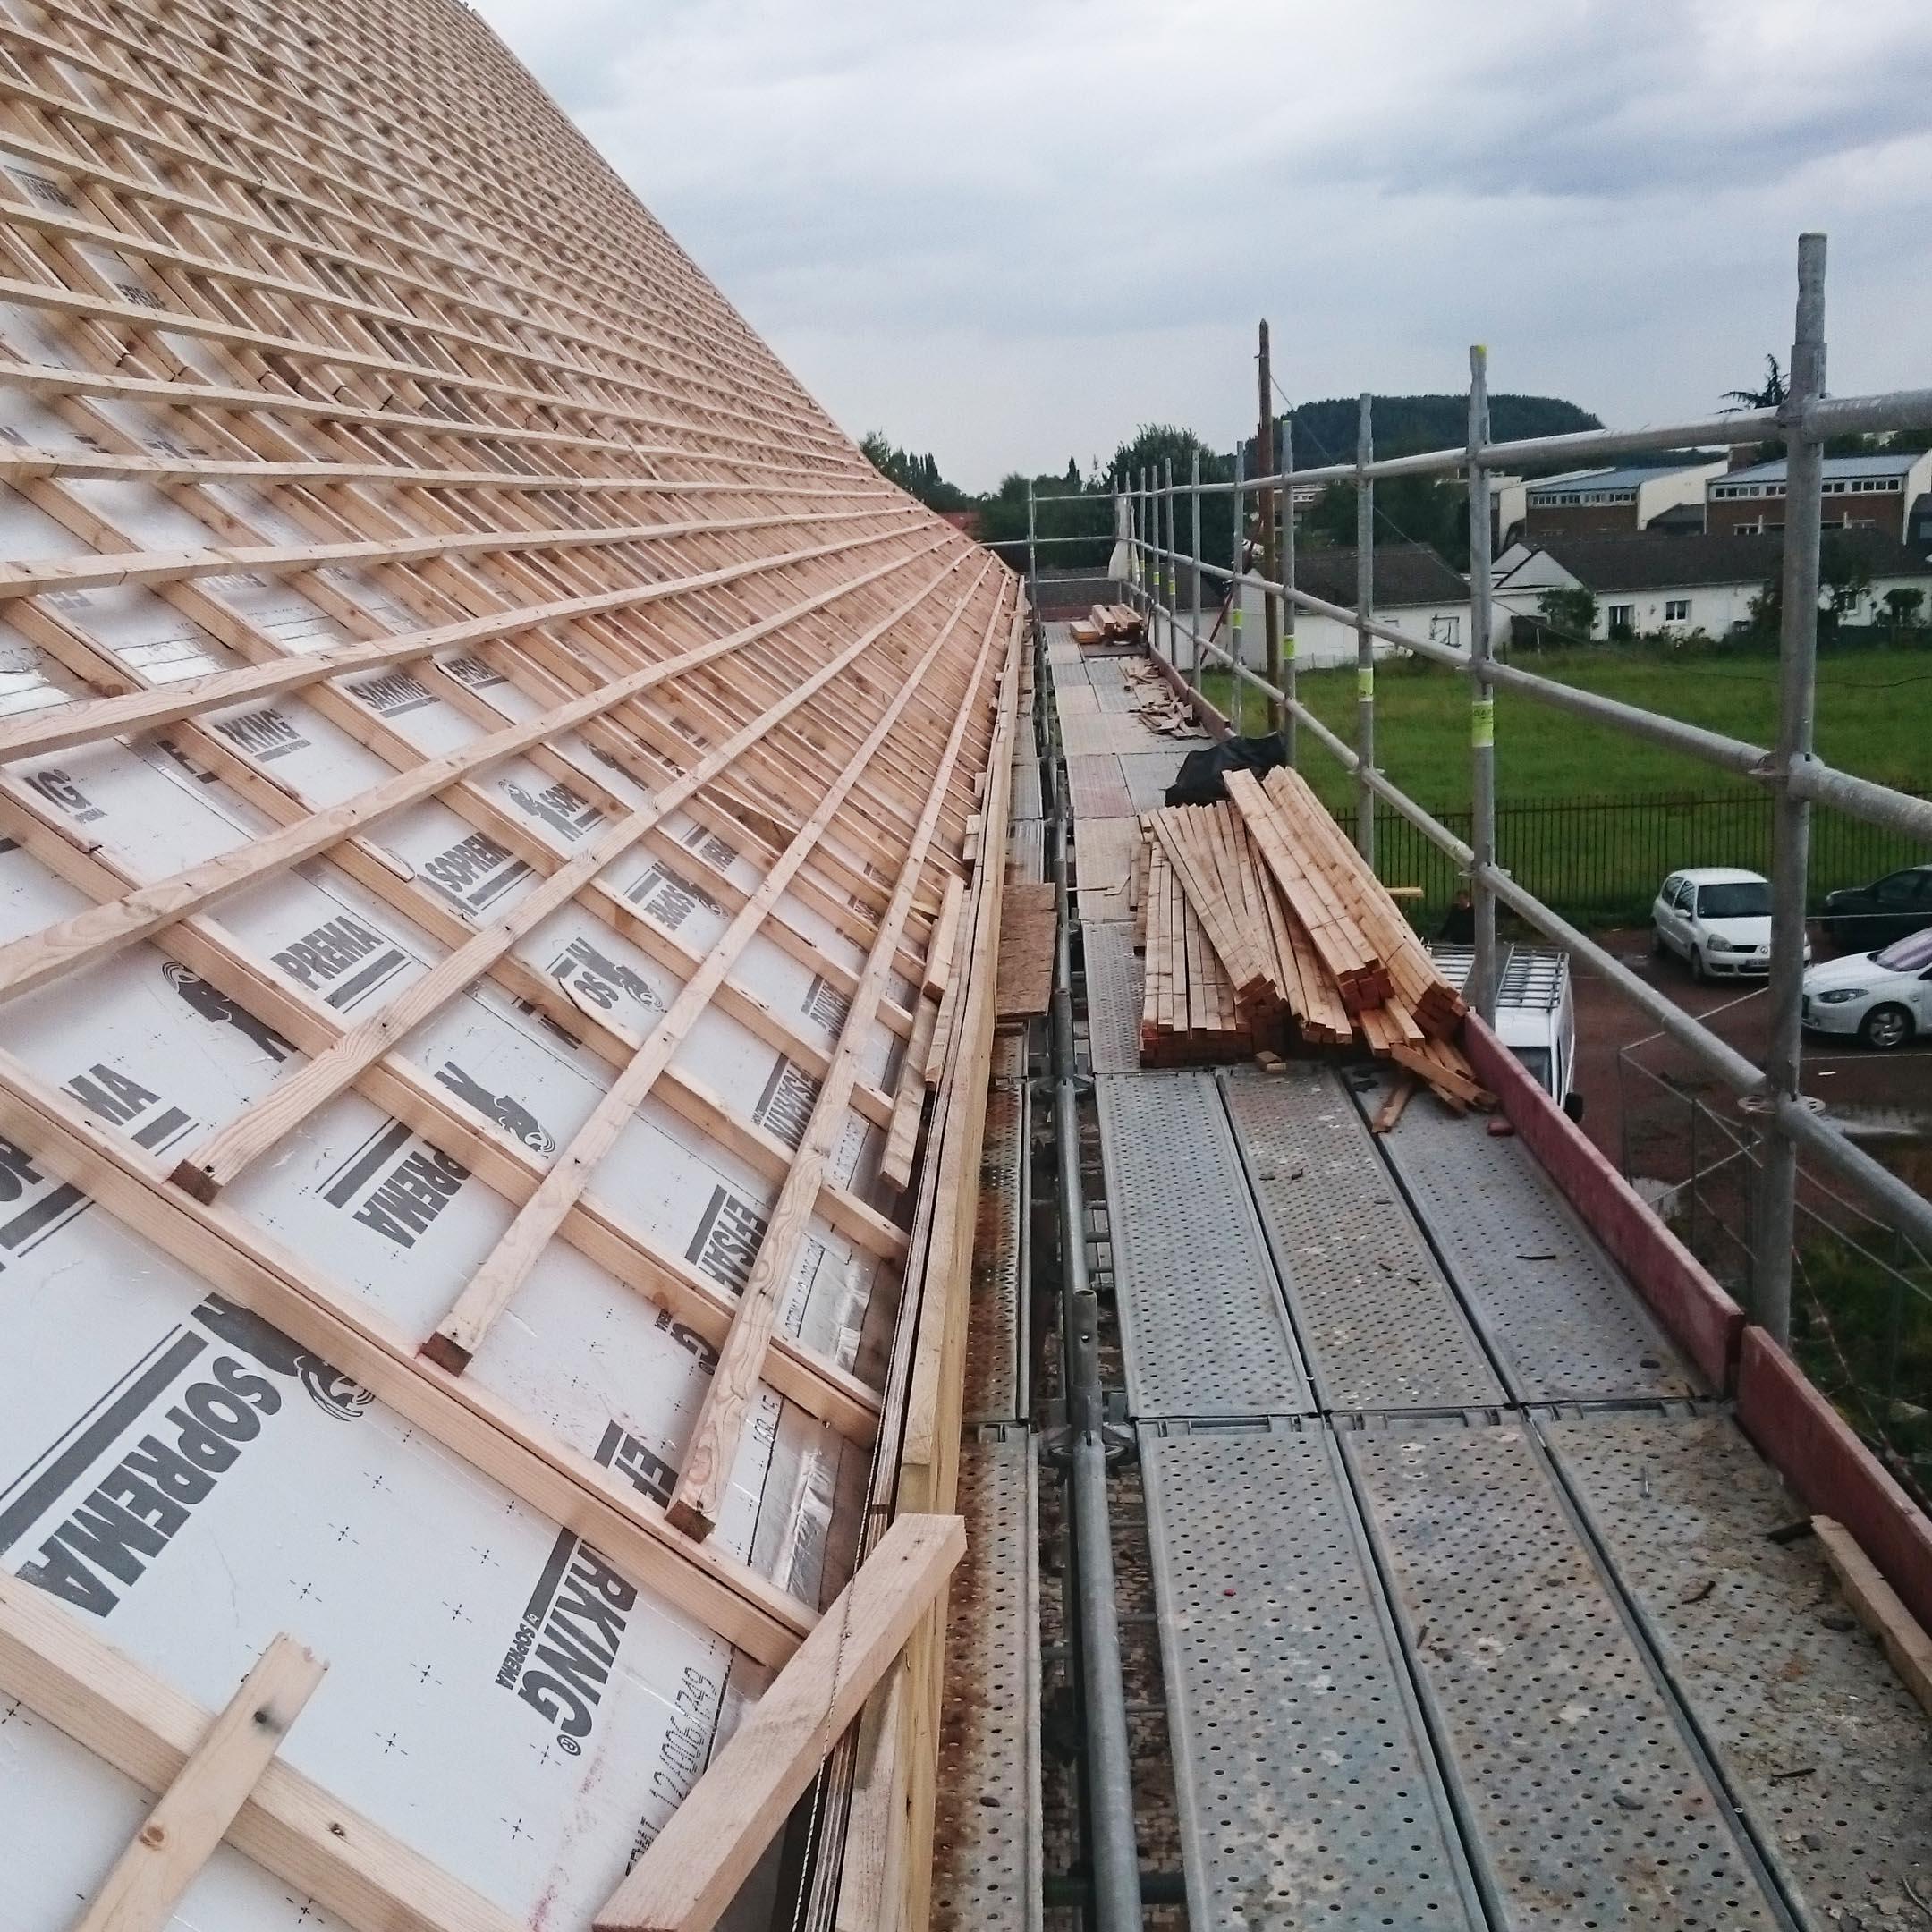 Ouvrages Spéciaux Rénovation Charpente bois Roost Warendin - Charpentier des Flandres